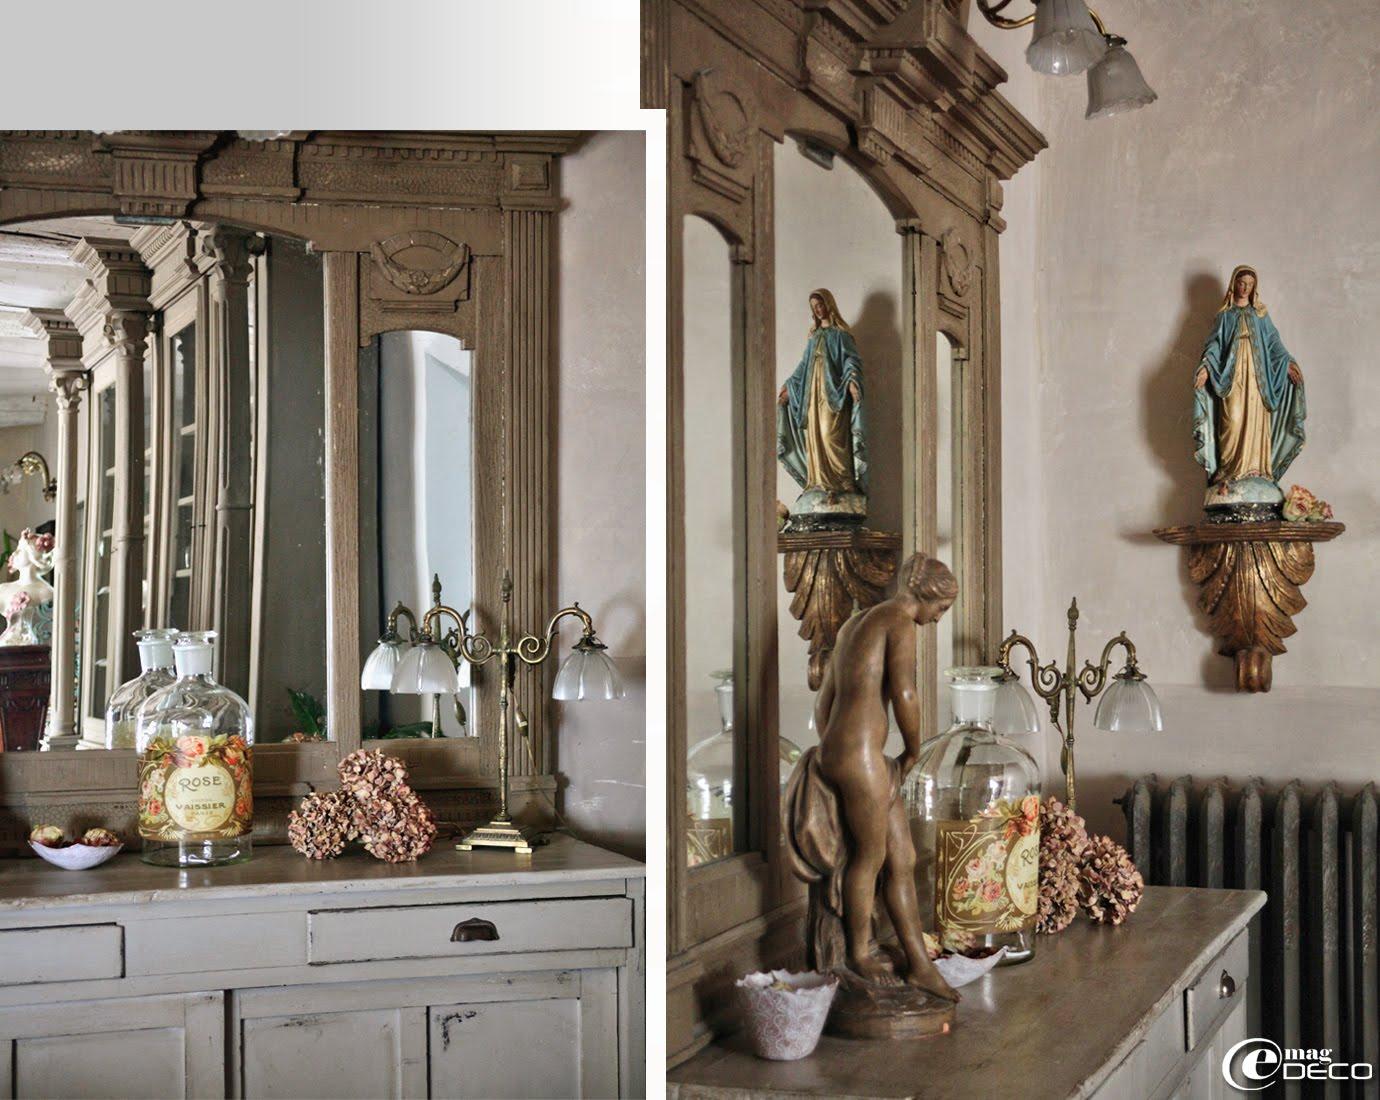 Une des nombreuses vierges en plâtre dont Philippe fait collection près d'un vieux meuble de restaurant avec portes coulissantes